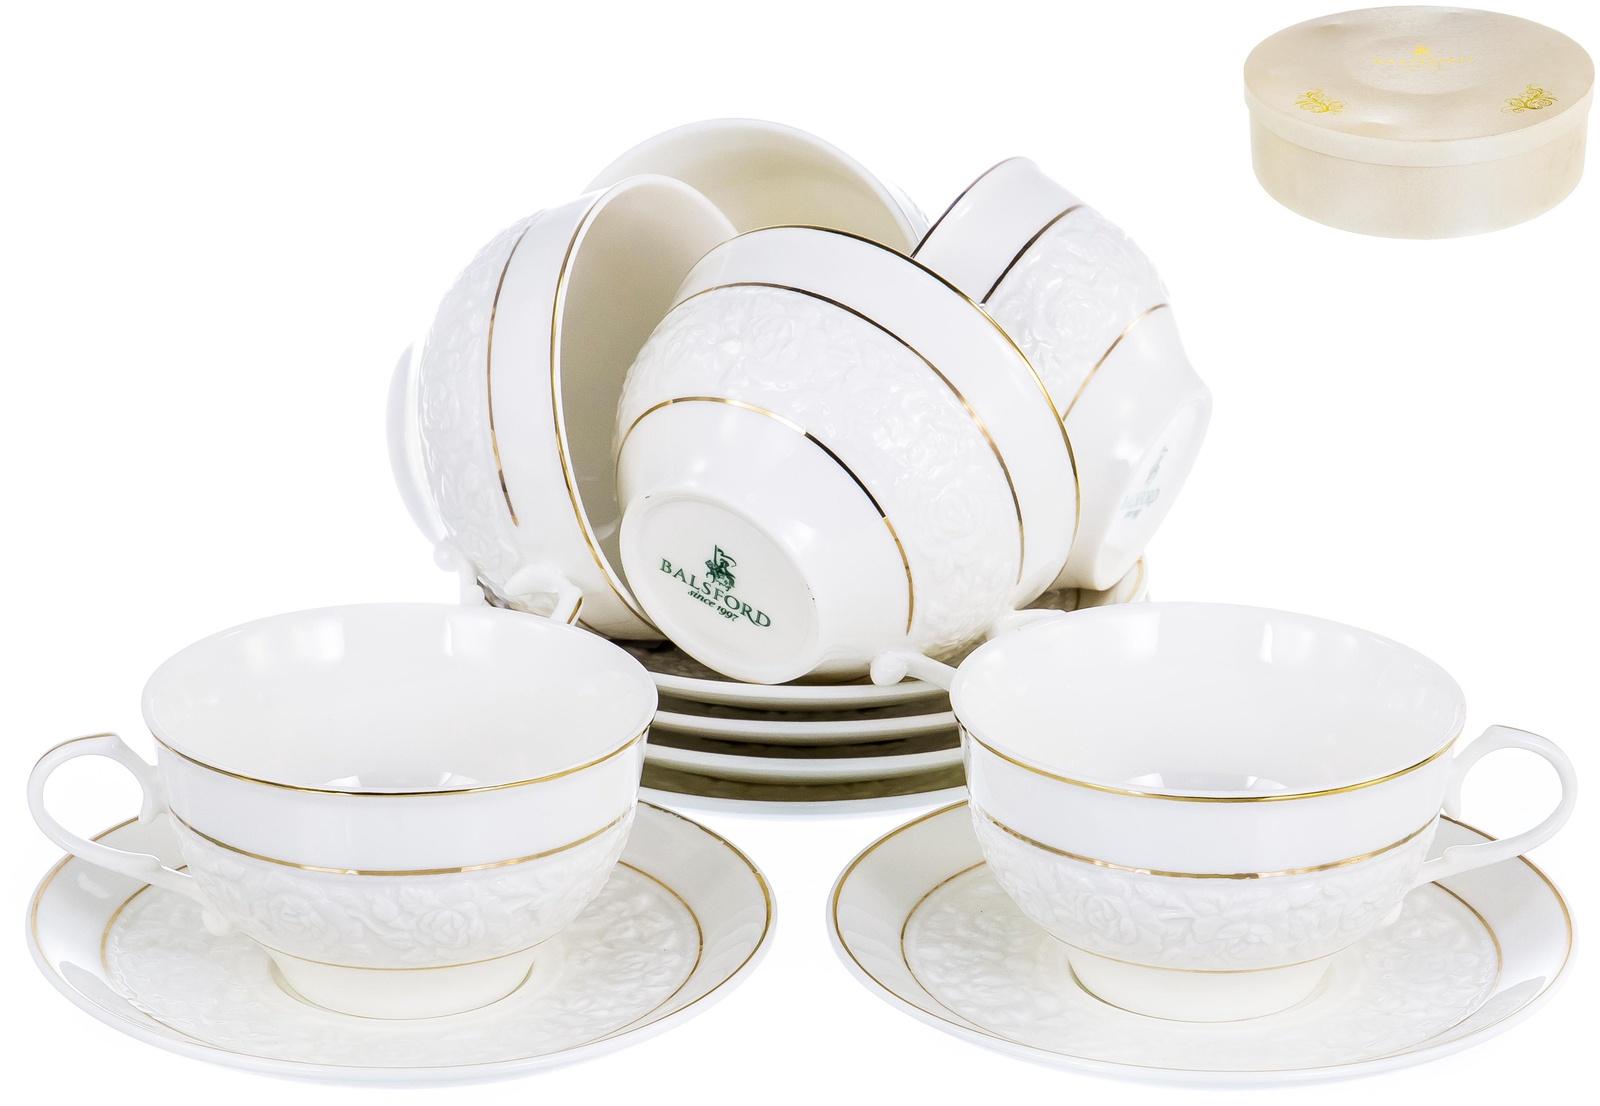 ГРАЦИЯ РОЗАЛИЯ, набор чайный, 6 чашек 250мл, 6 блюдец, NEW BONE CHINA, декор белоснежный с золотом, подарочная упаковка, ТМ Balsford, артикул 101-29007 стоимость